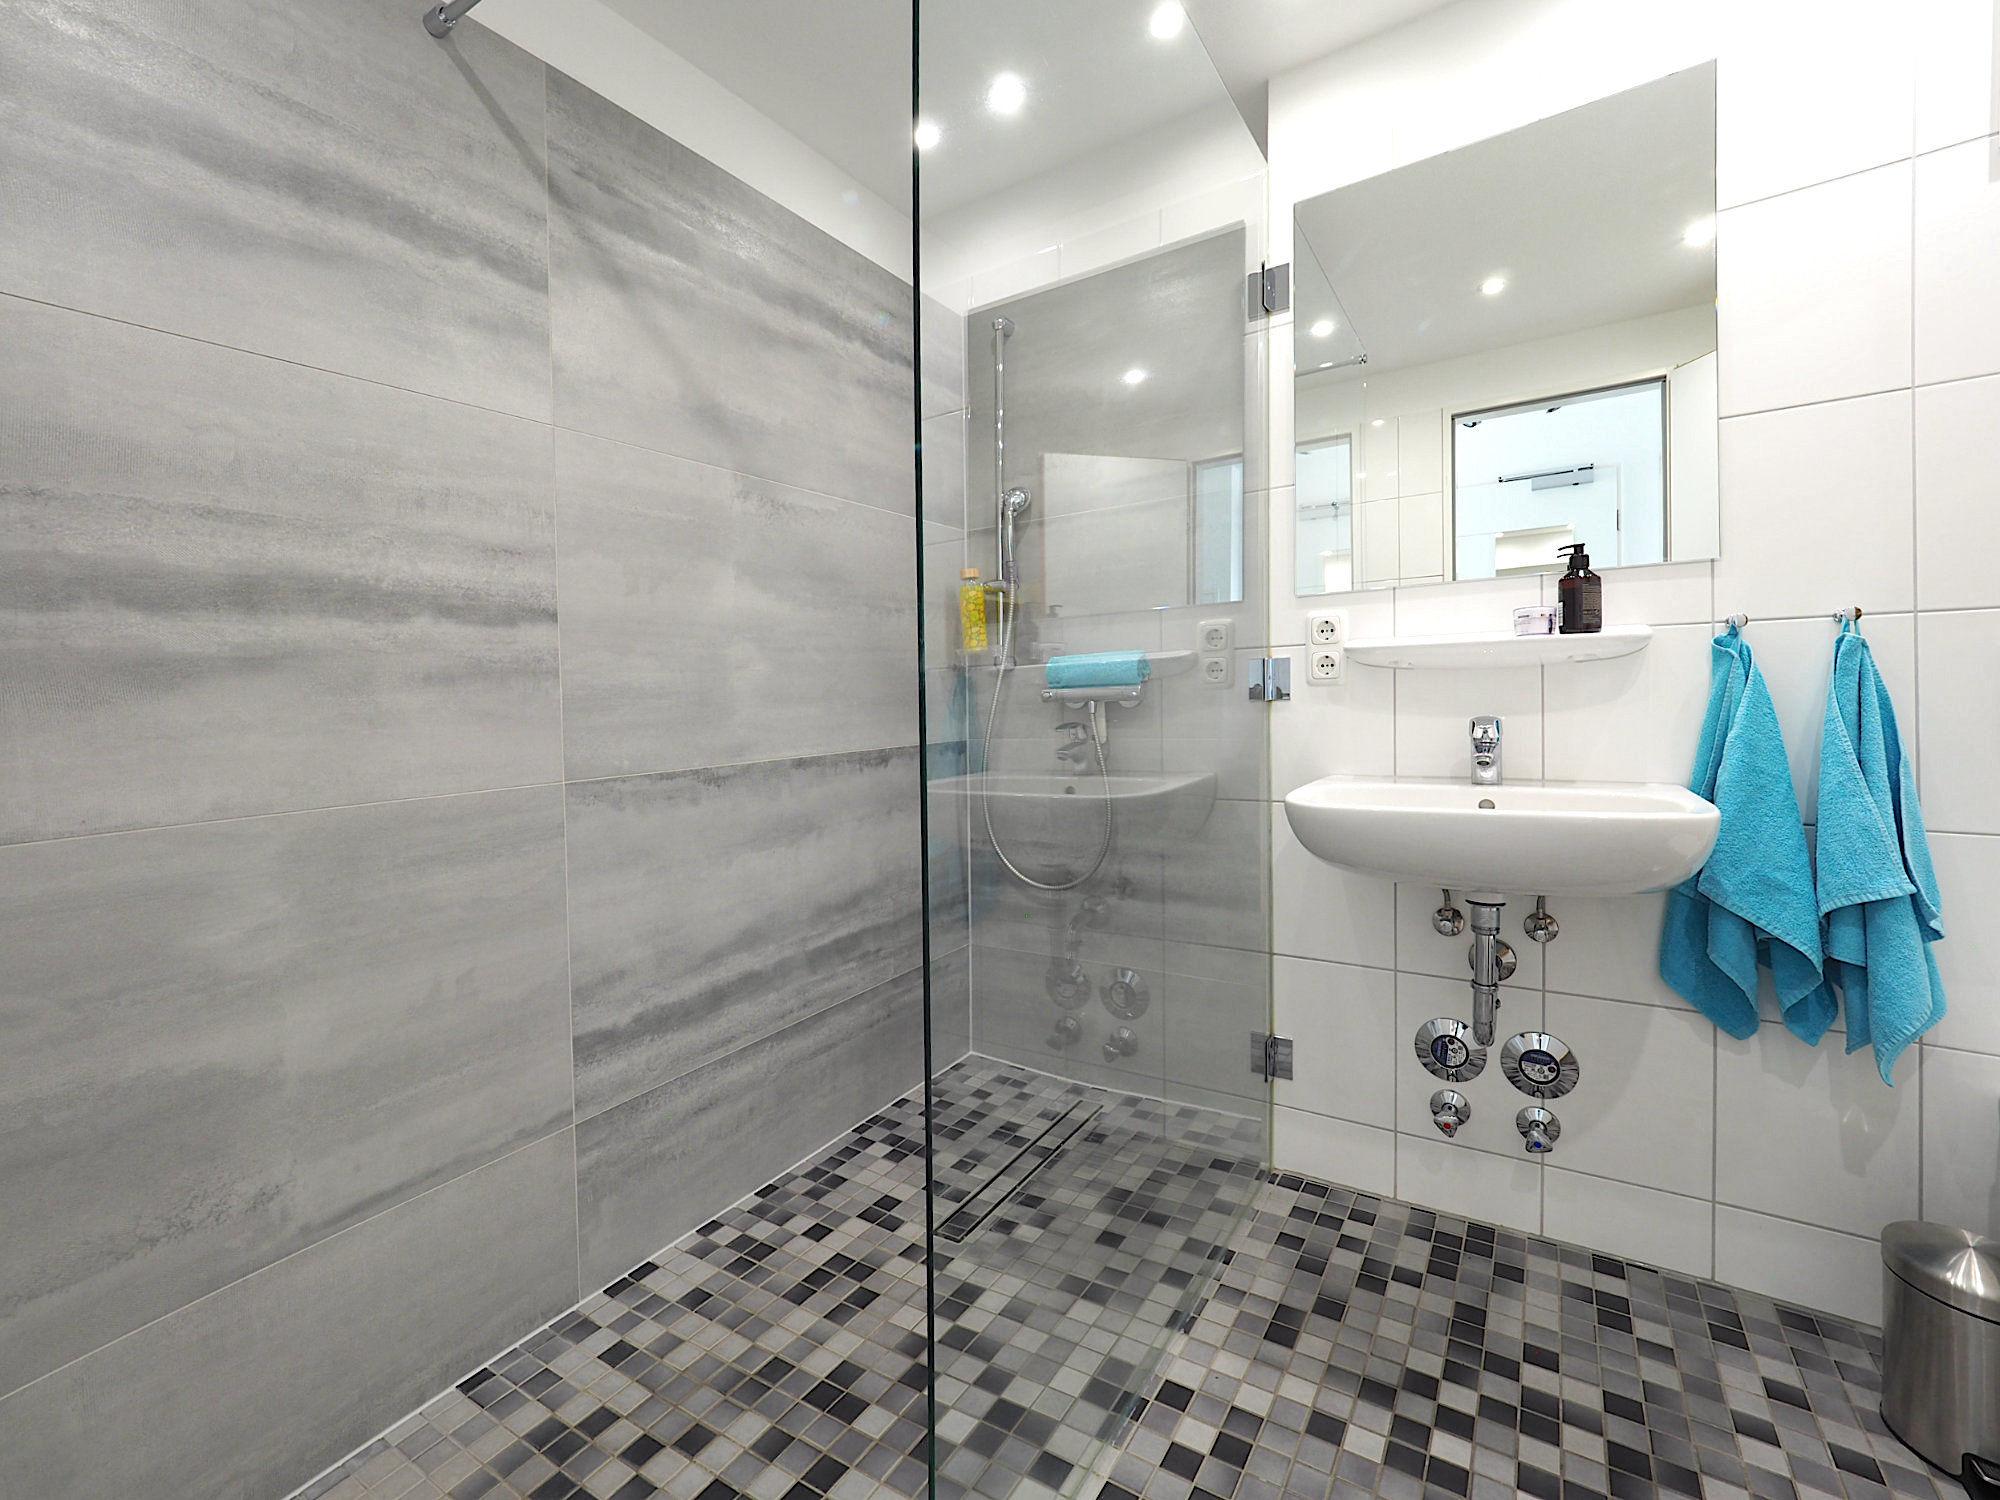 Duschbad mit bodentiefer Dusche und Waschbecken